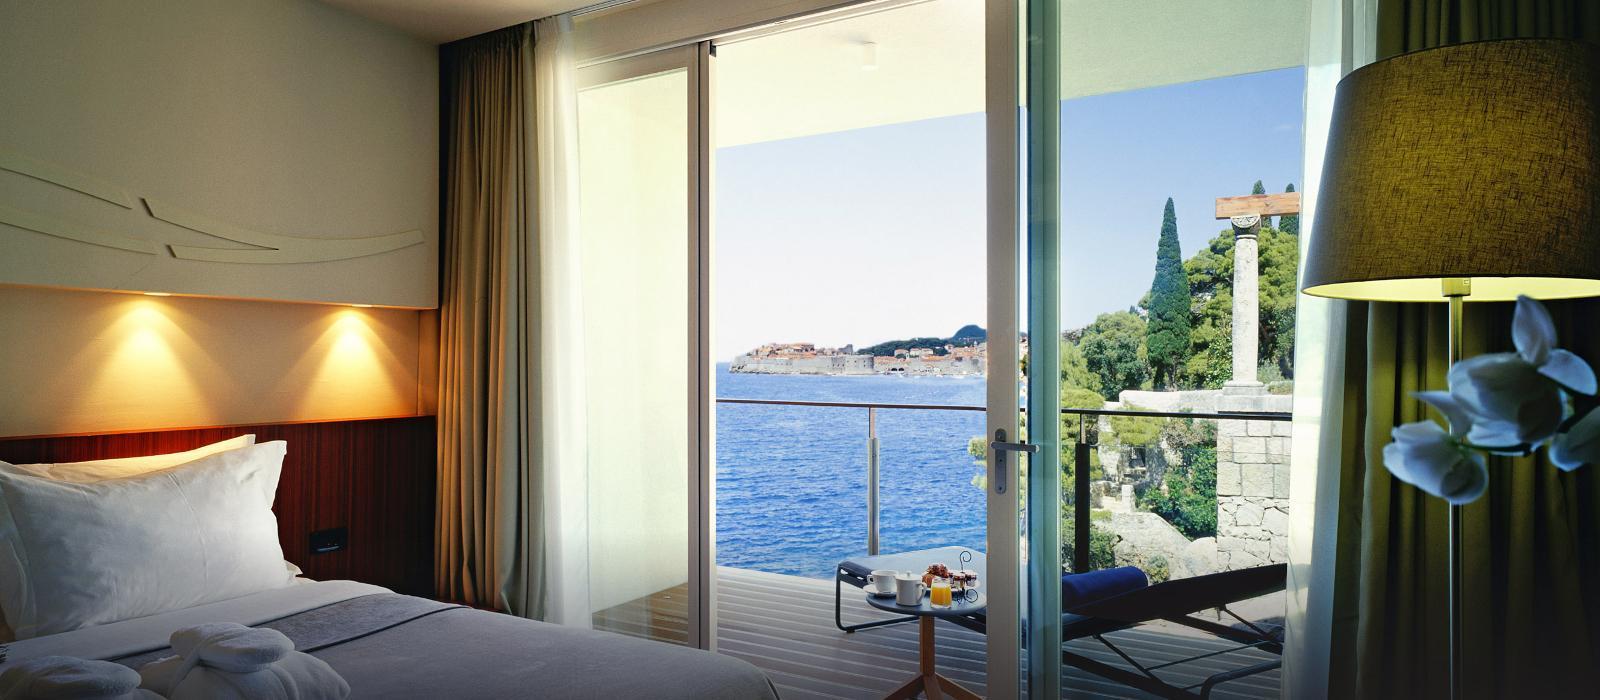 杜布罗夫尼克别墅酒店(Villa Dubrovnik)【 杜布罗夫尼克,克罗地亚】 酒店  www.lhw.cn